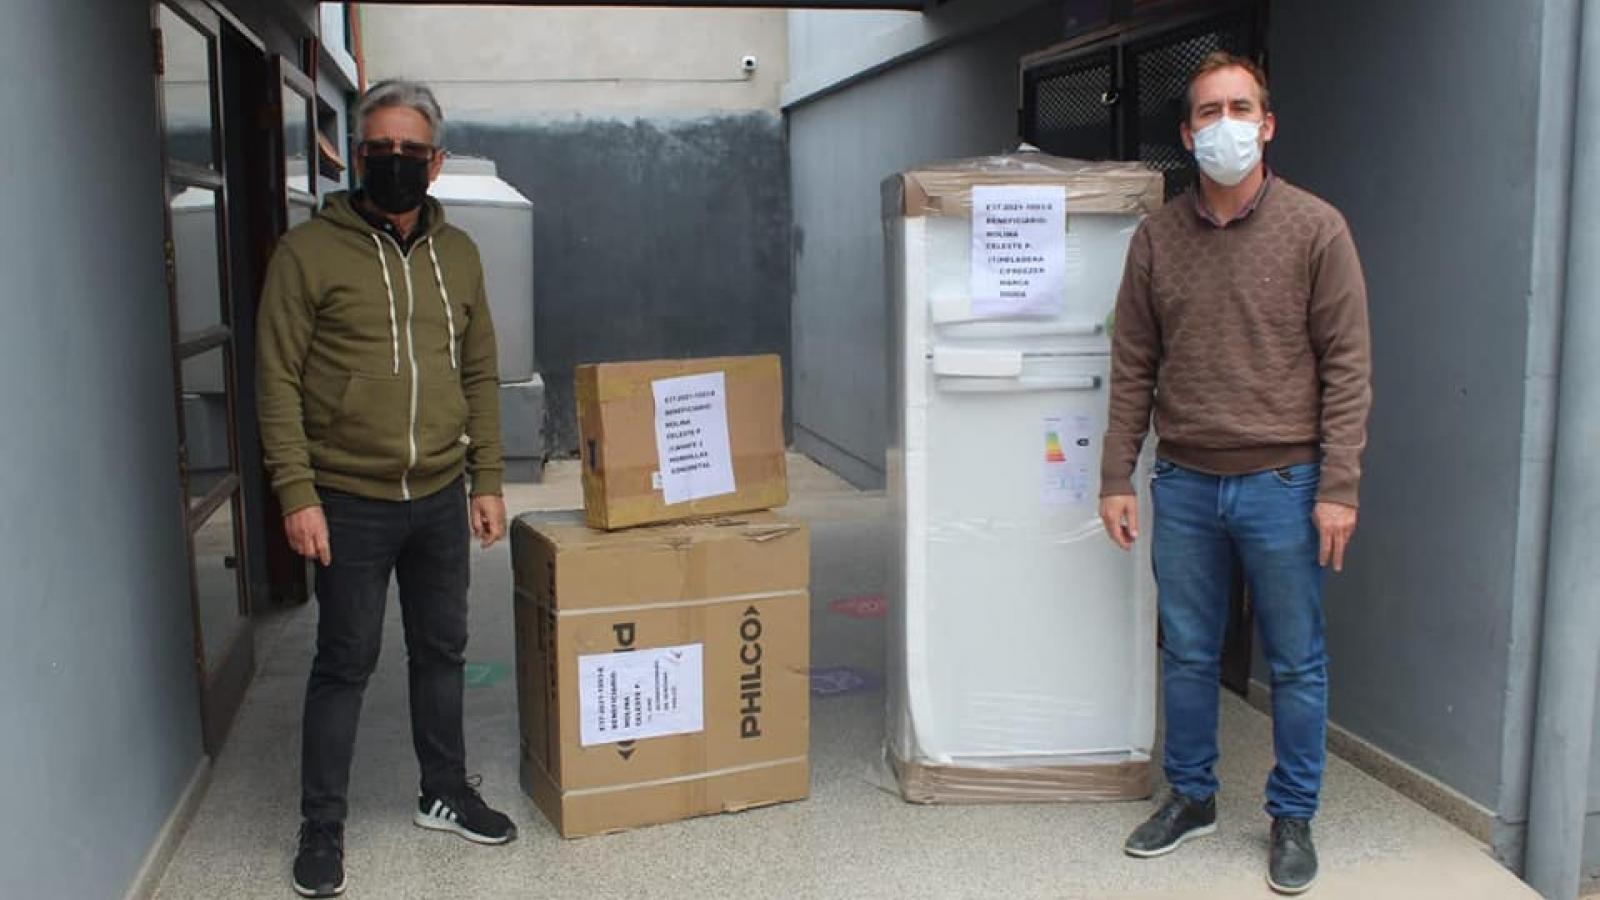 El presidente Lorenzo y el intendente García entregando heladera y aire acondicionado